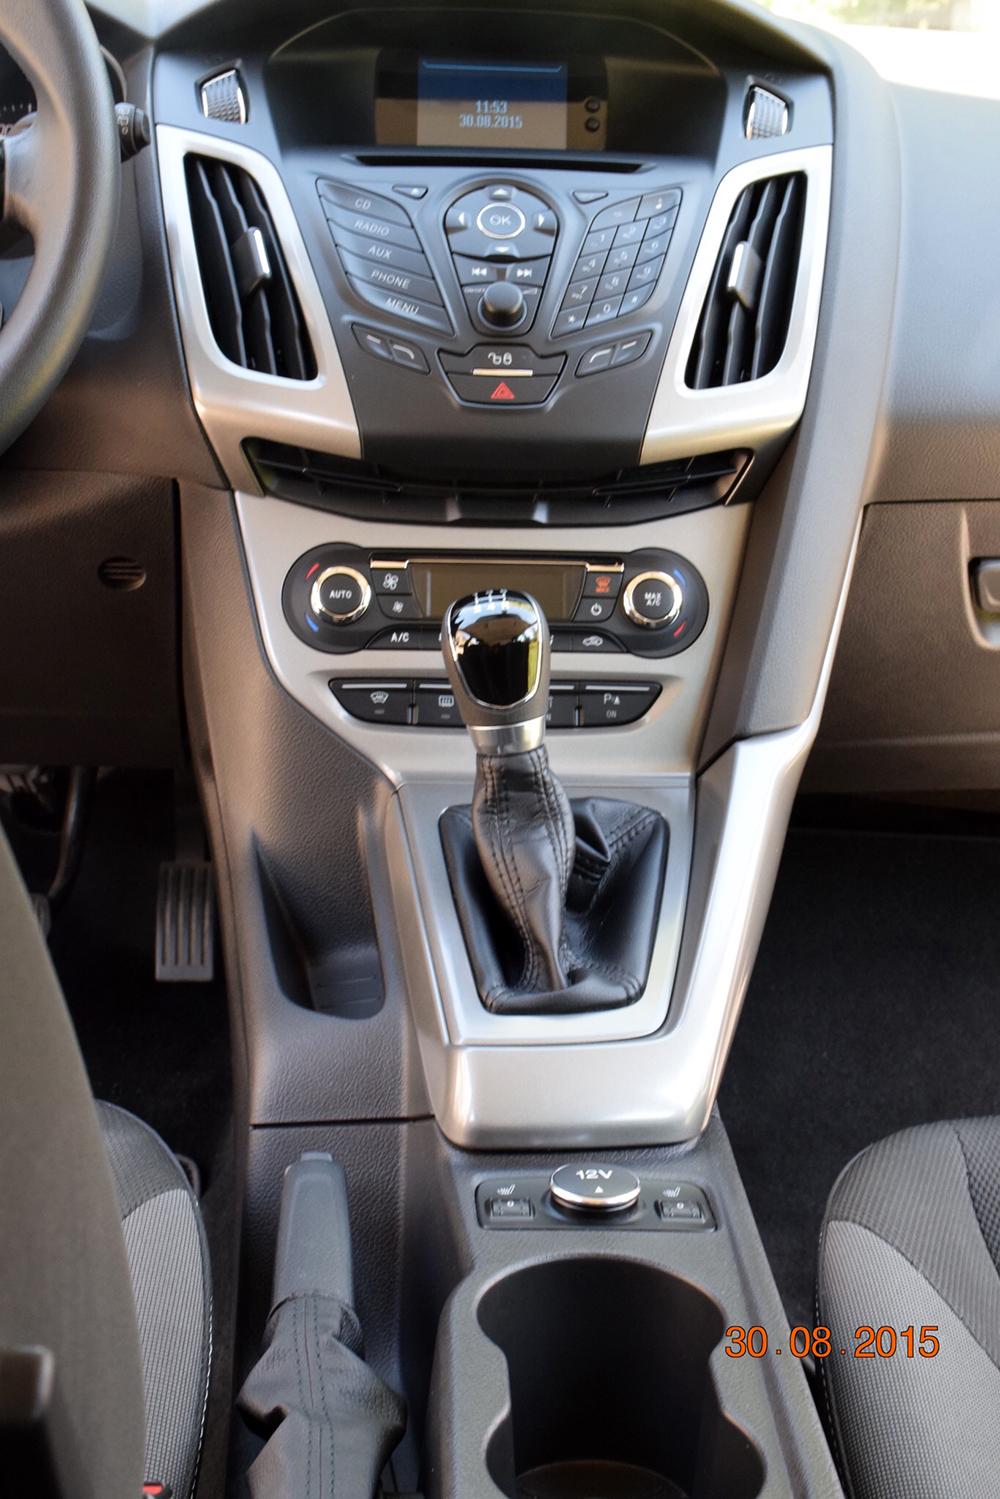 Ford Focus Traveller Trend 2011 zu verkaufen 9